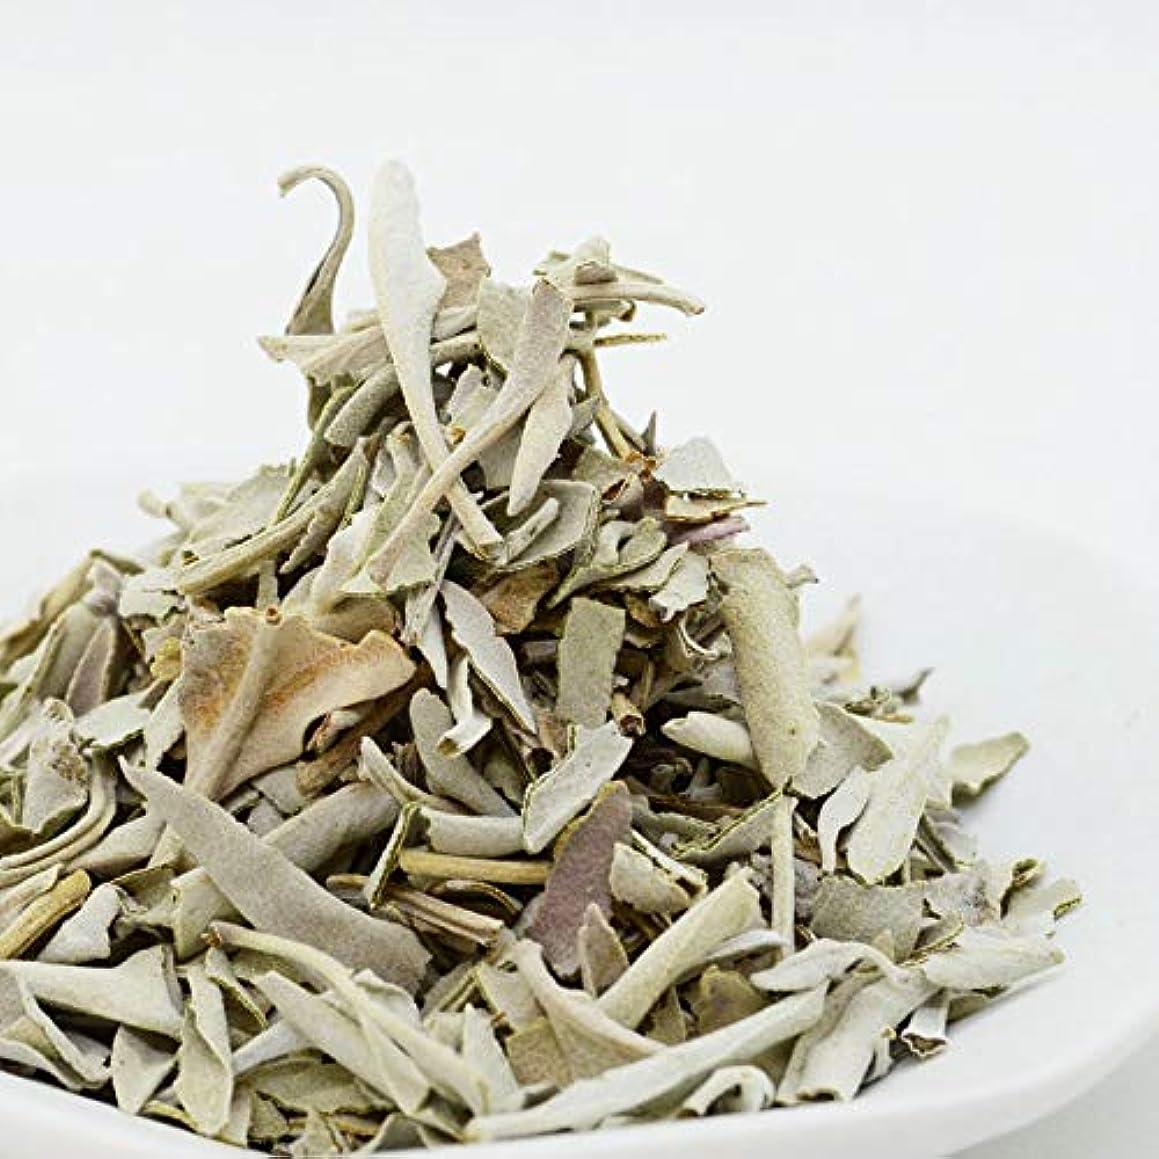 インカ帝国脊椎白鳥高品質 無農薬 ホワイトセージ クラッシュ 100gカリフォルニア産 浄化用 お香に